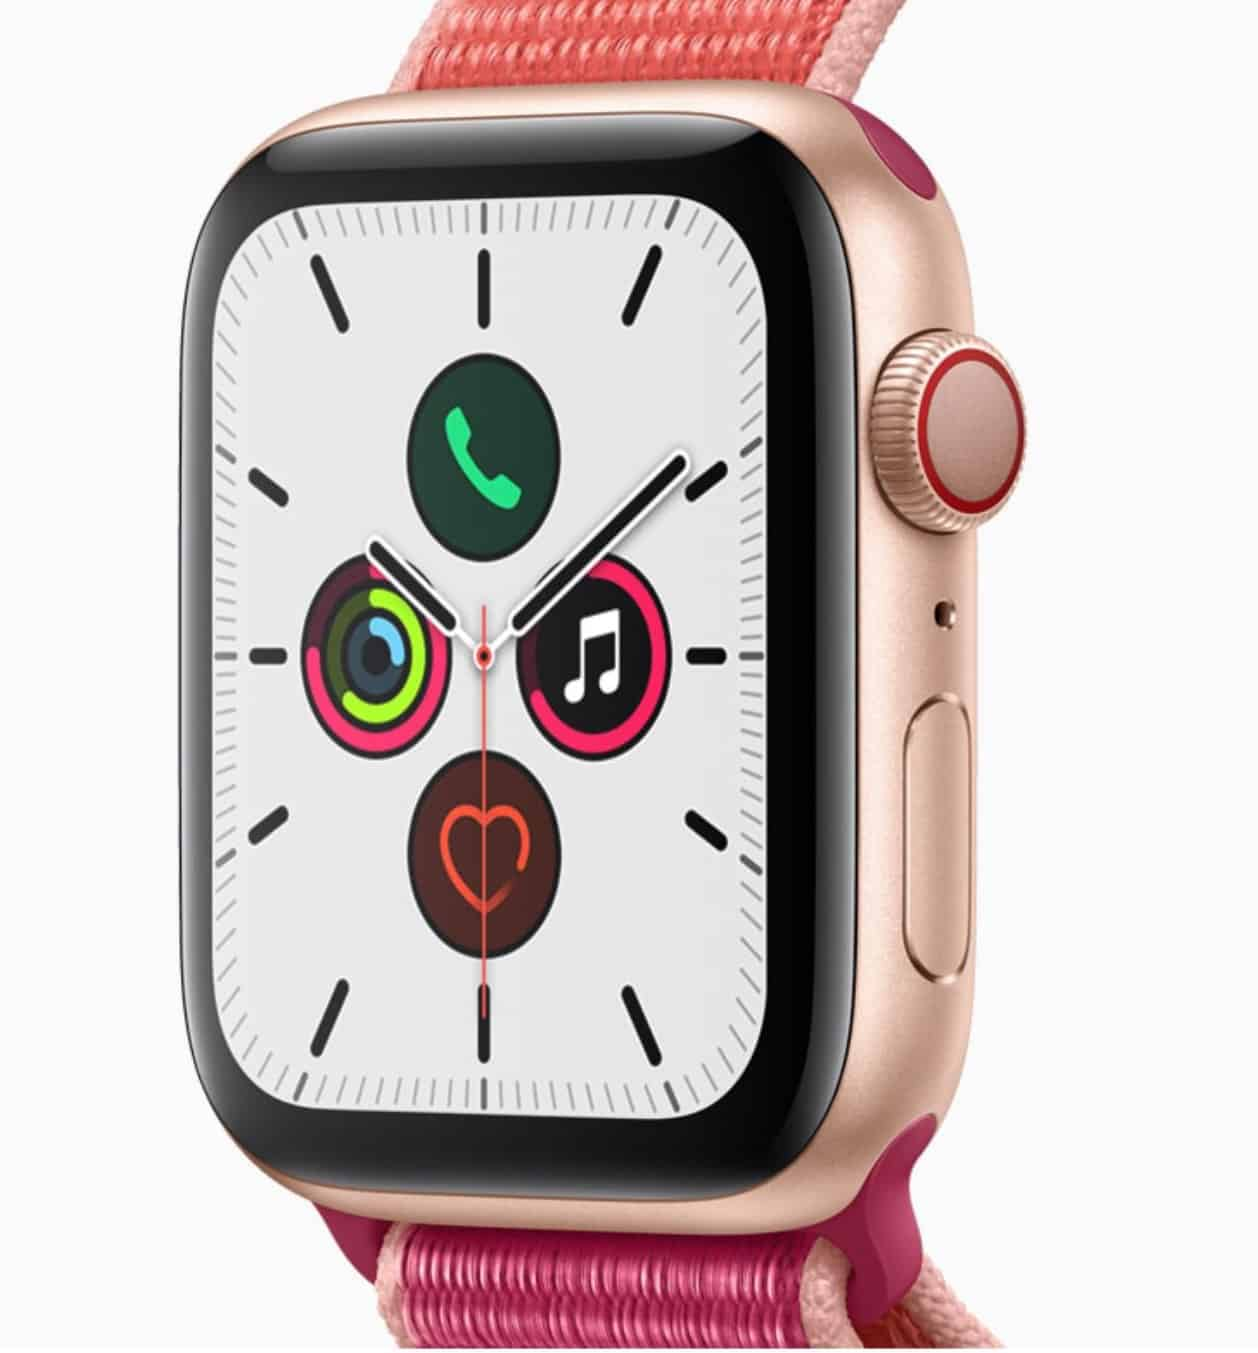 Die multifunktionale Apple Smartwatch Modell 5